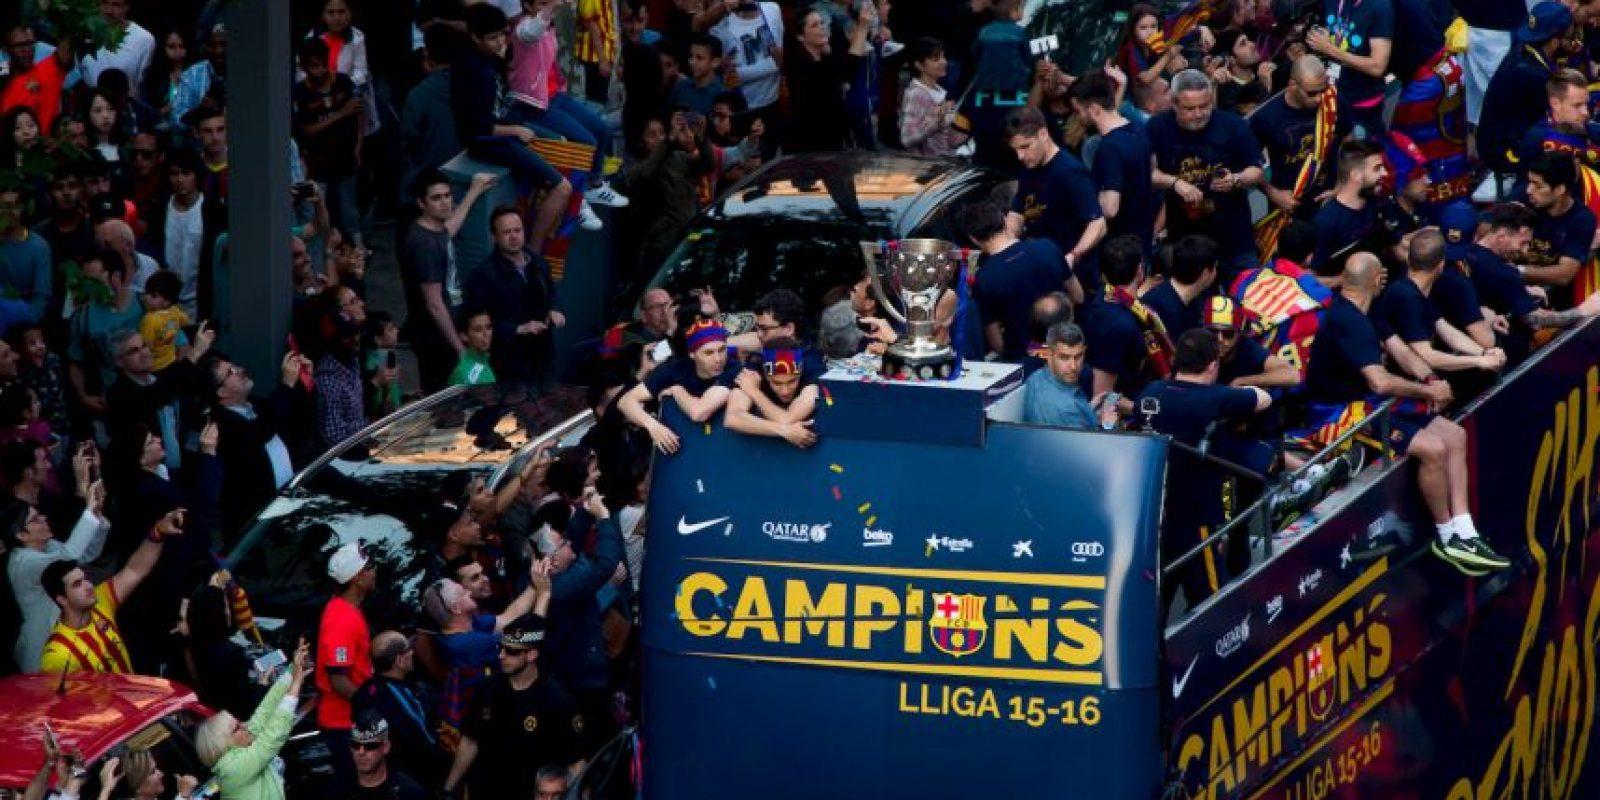 La misma fecha que la Serie A comenzará la Liga de España. Barcelona lucirá el escudo de campeón Foto:Getty Images